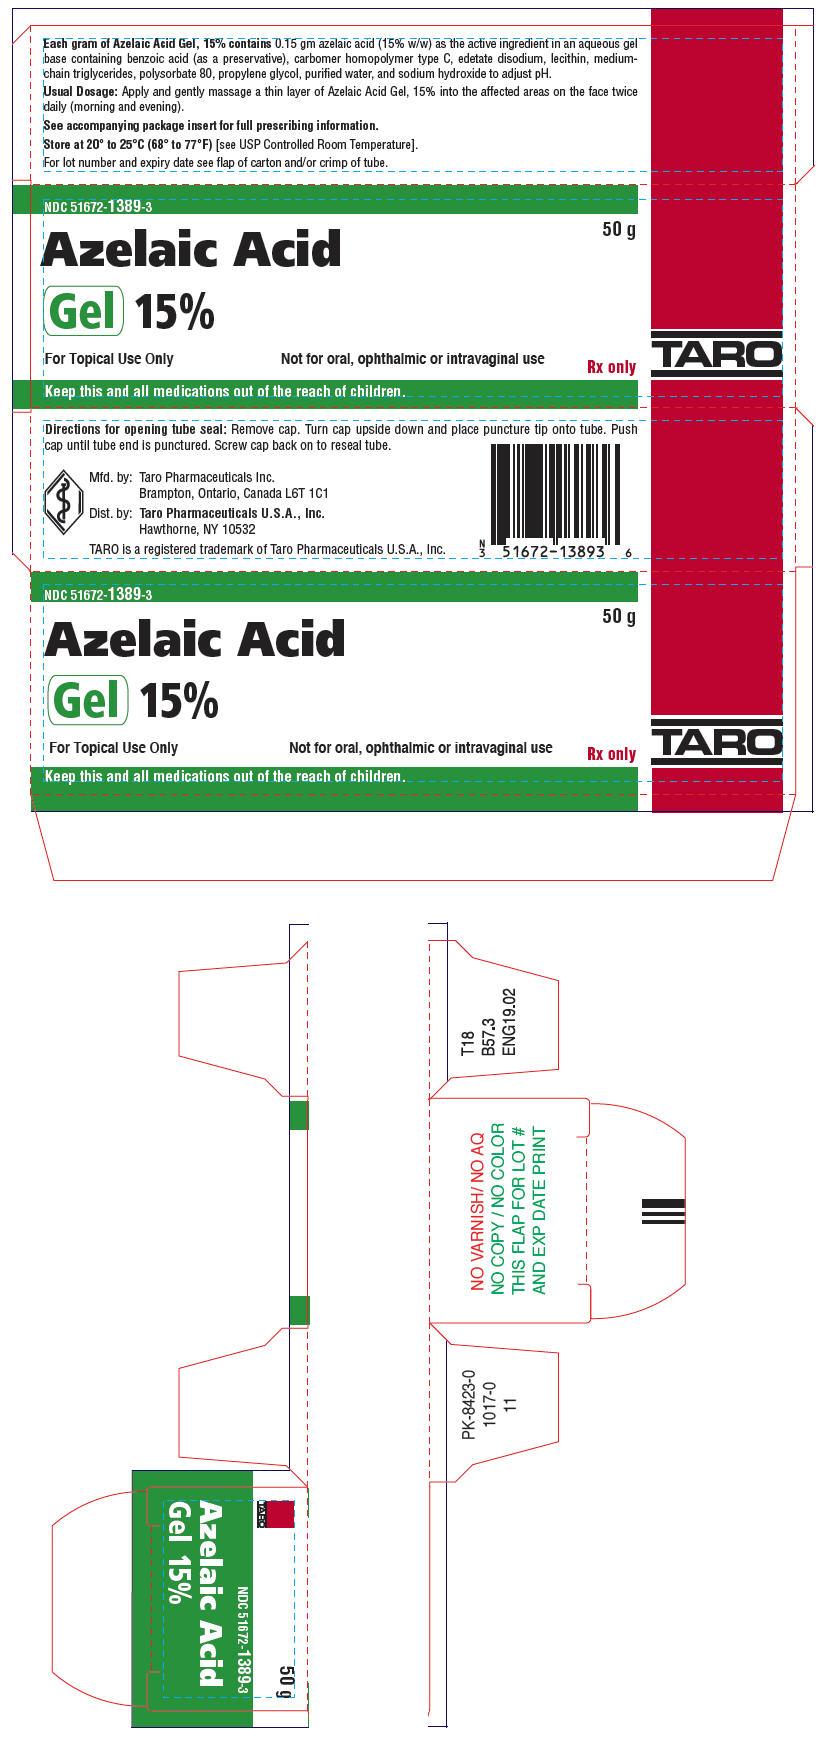 PRINCIPAL DISPLAY PANEL - 50 g Tube Carton